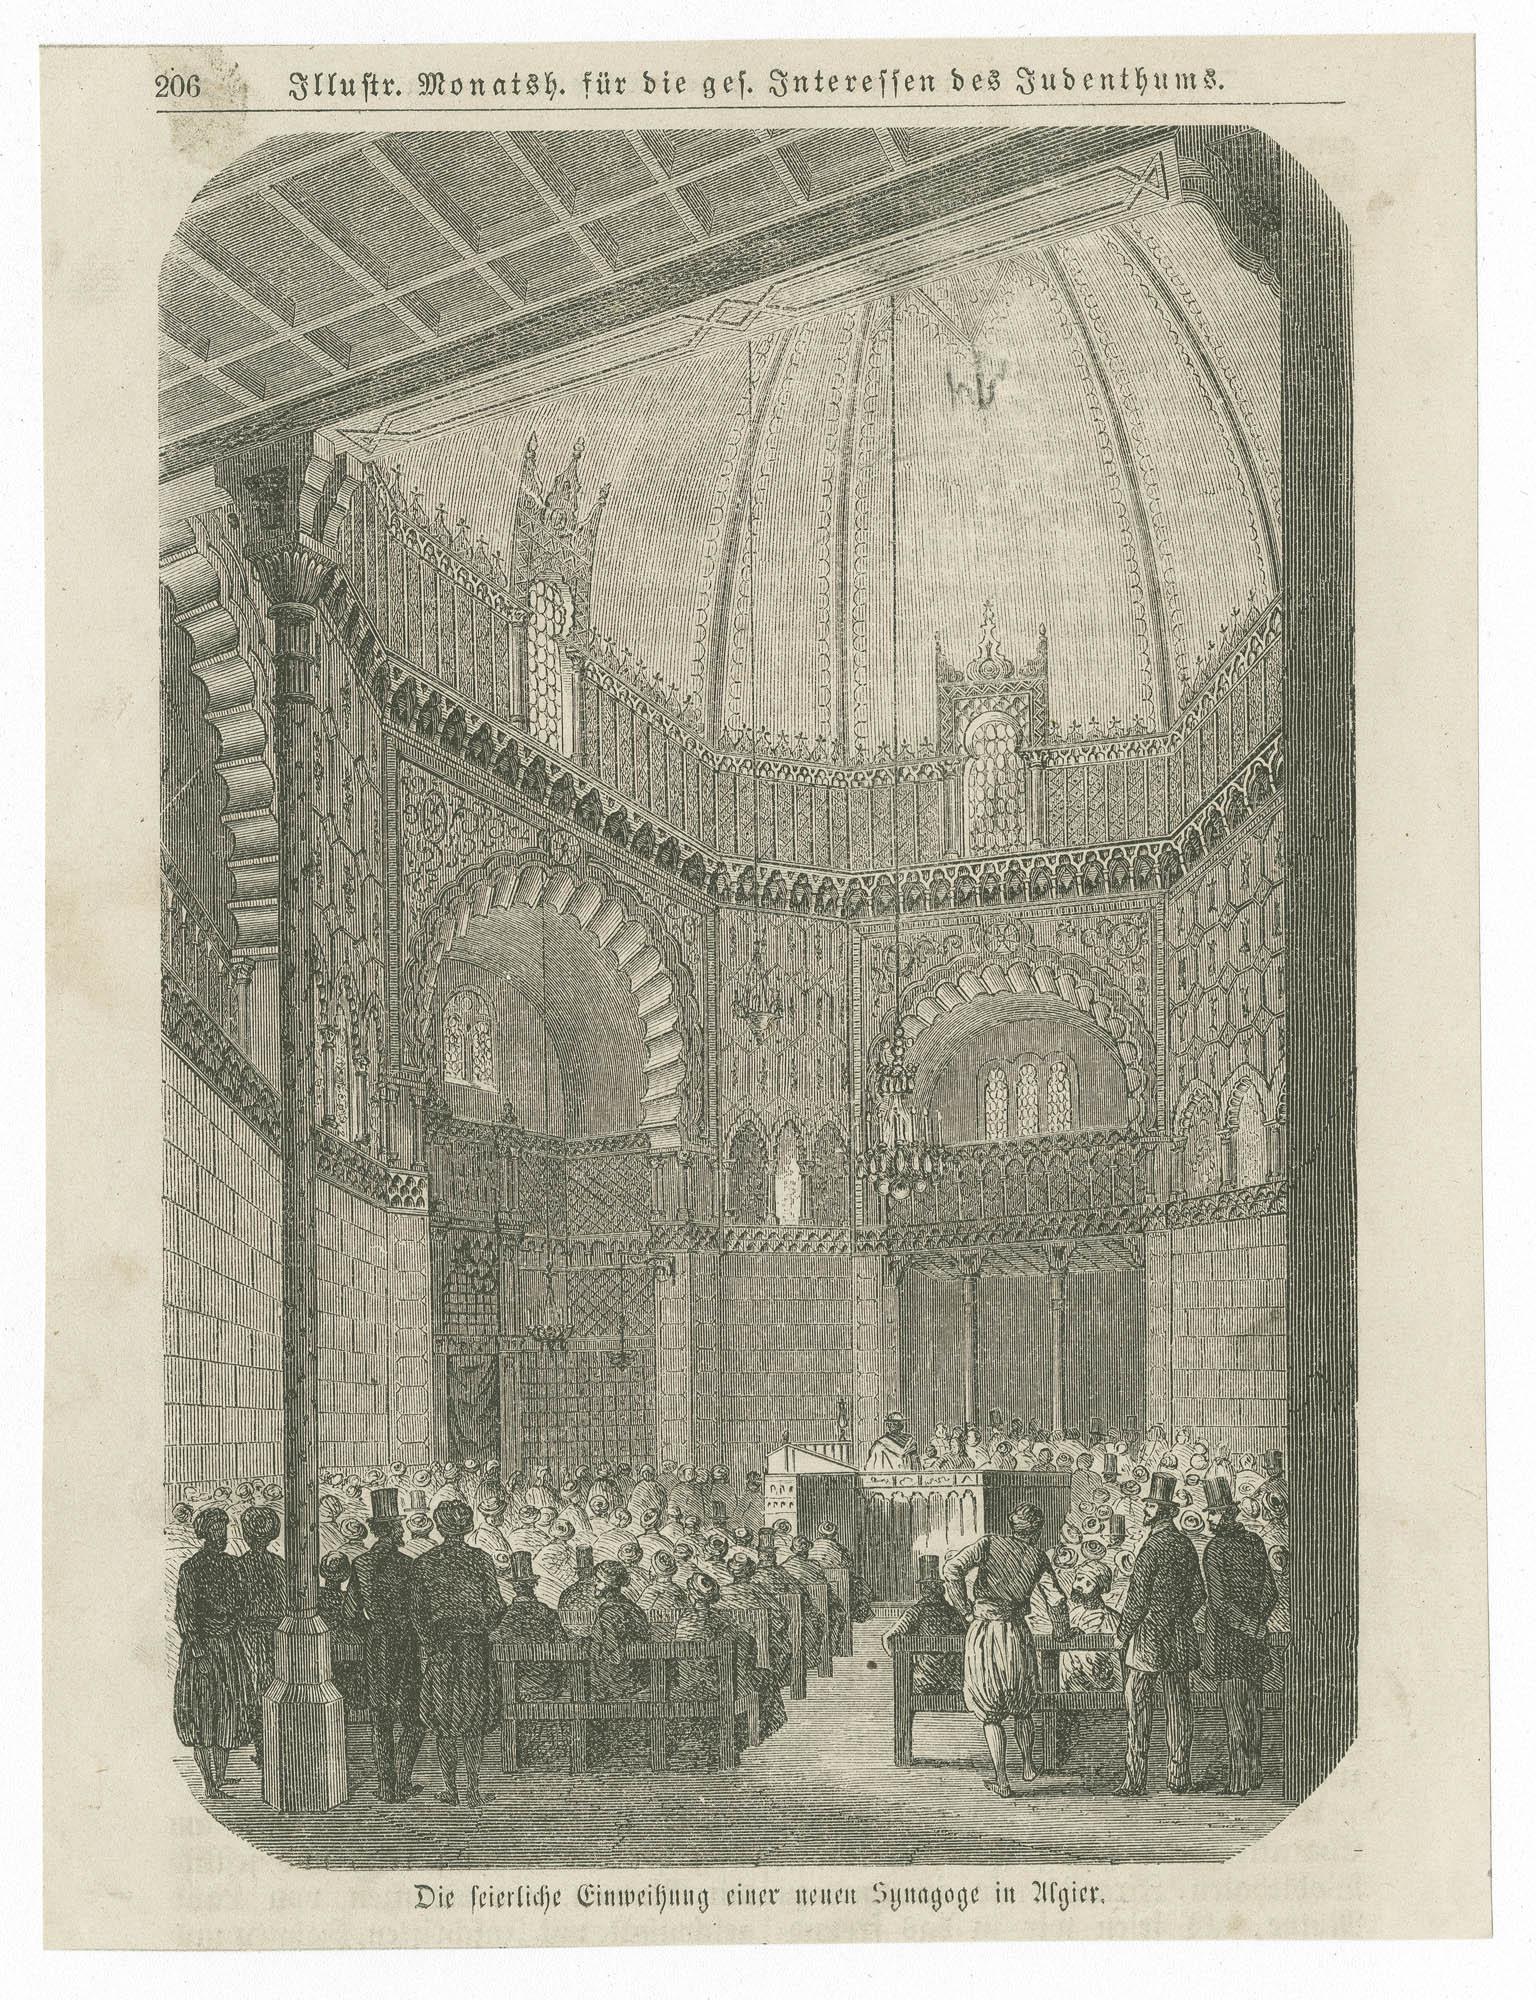 Der feierliche Einweihung einer neuen Synagoge in Algier